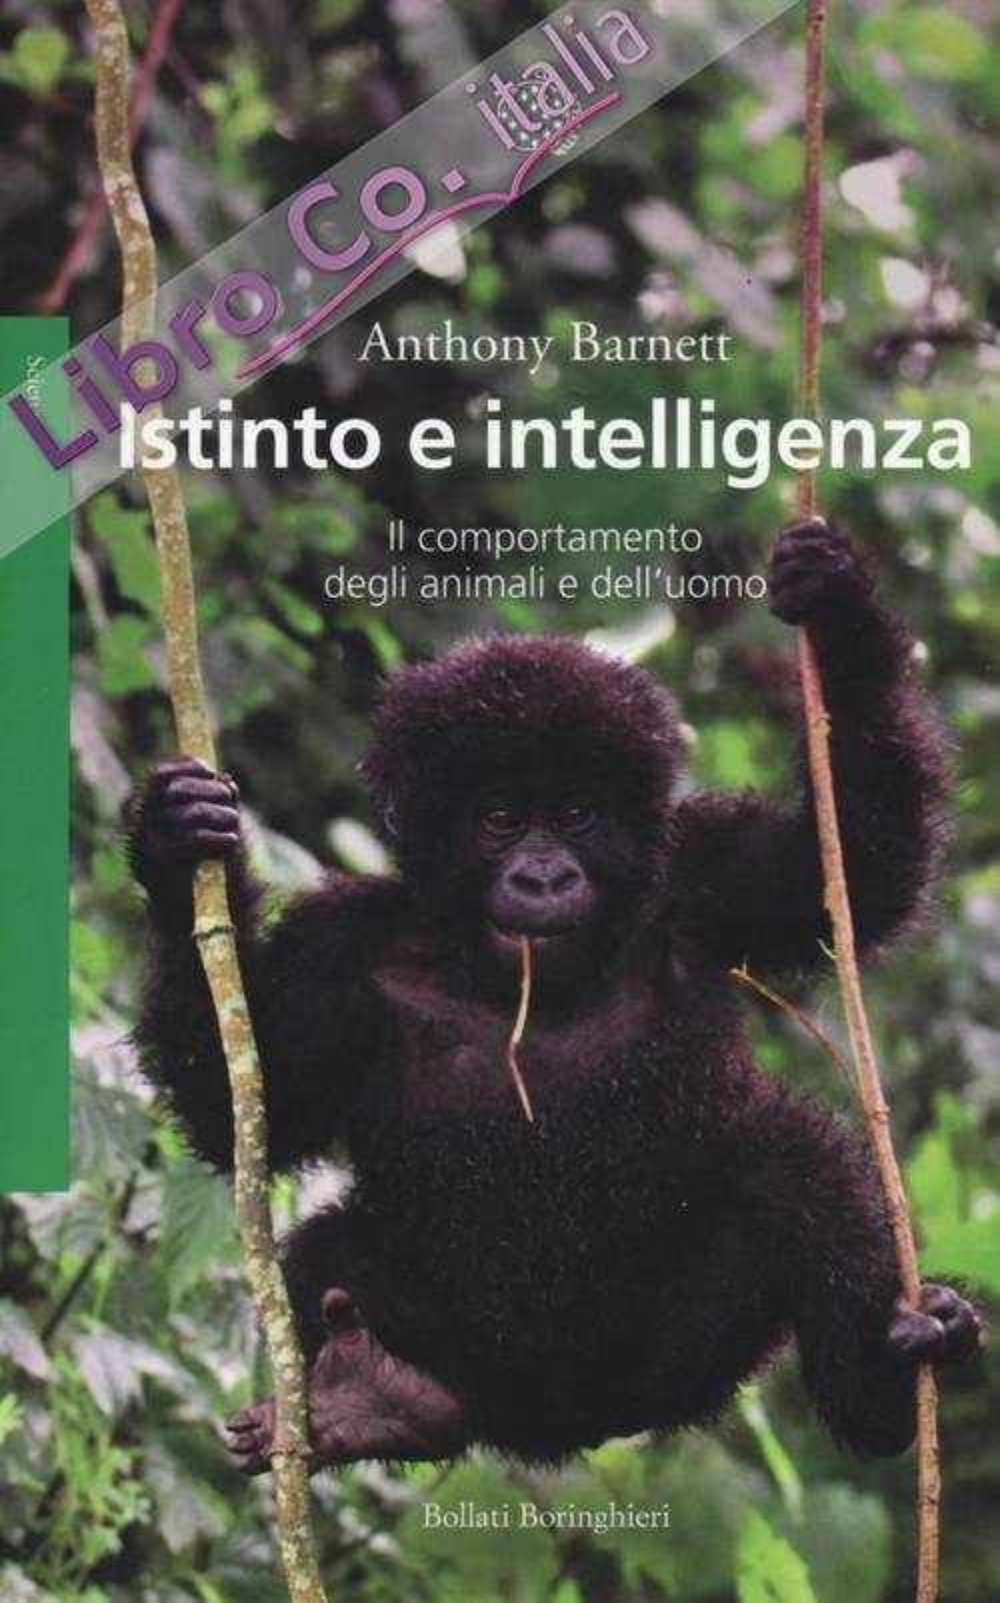 Istinto e intelligenza. Il comportamento degli animali e dell'uomo.